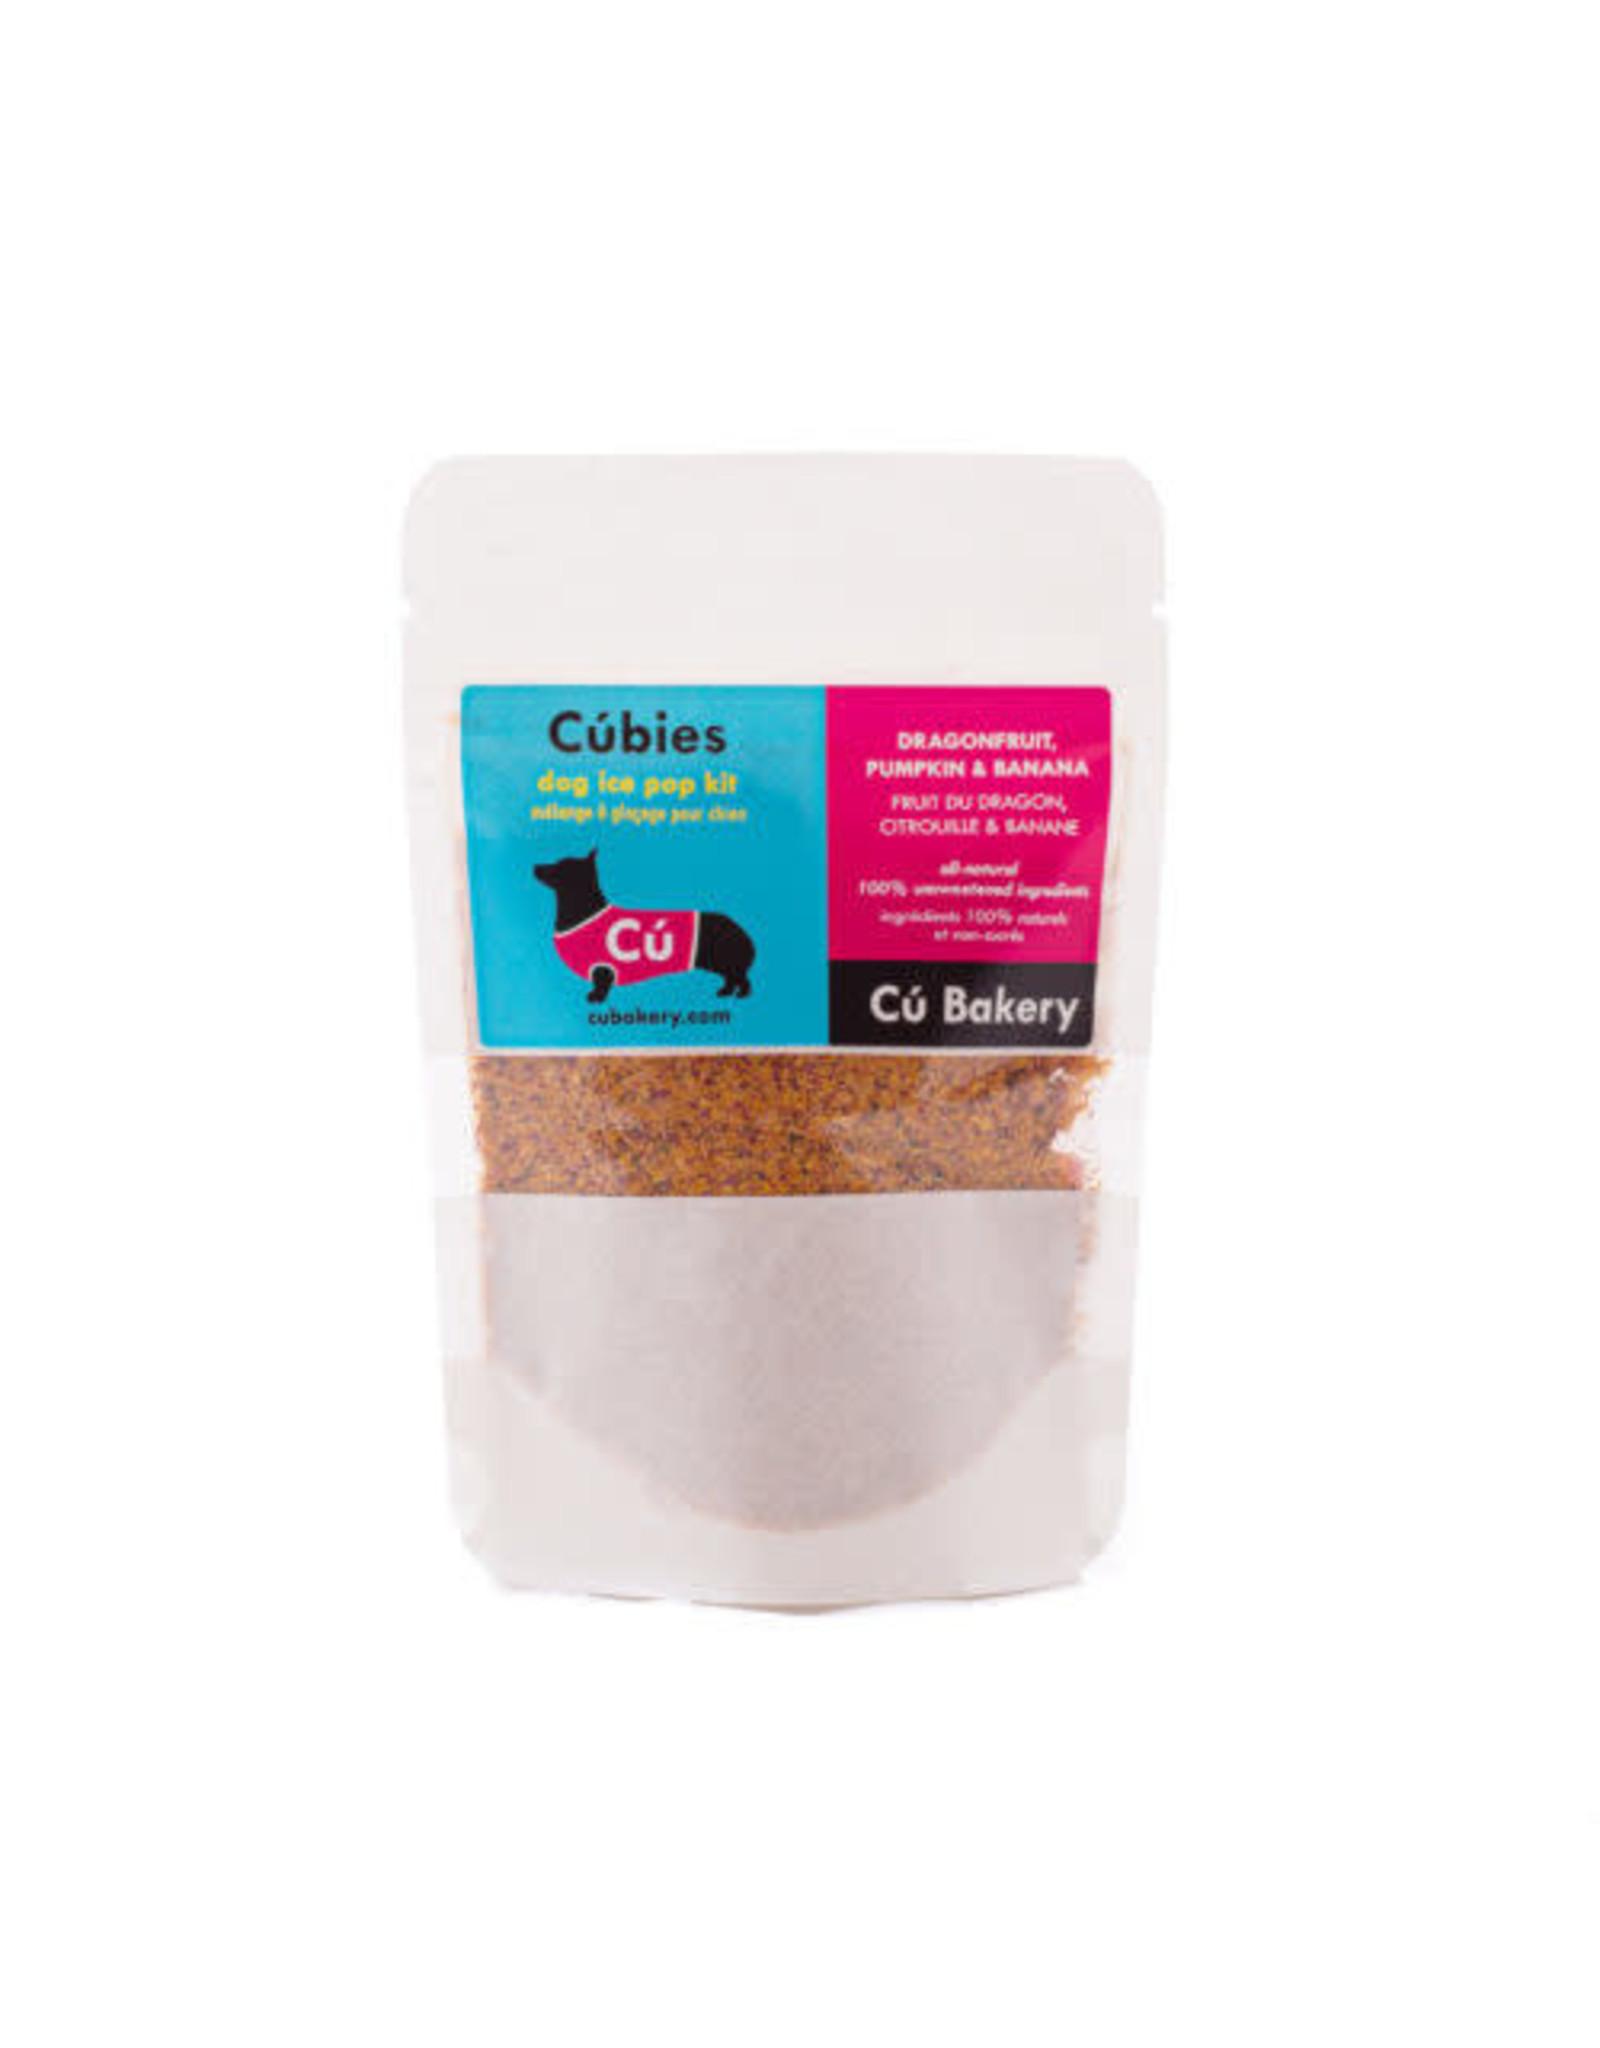 Cú Bakery Cúbies Dog Ice Pop Kit 111g